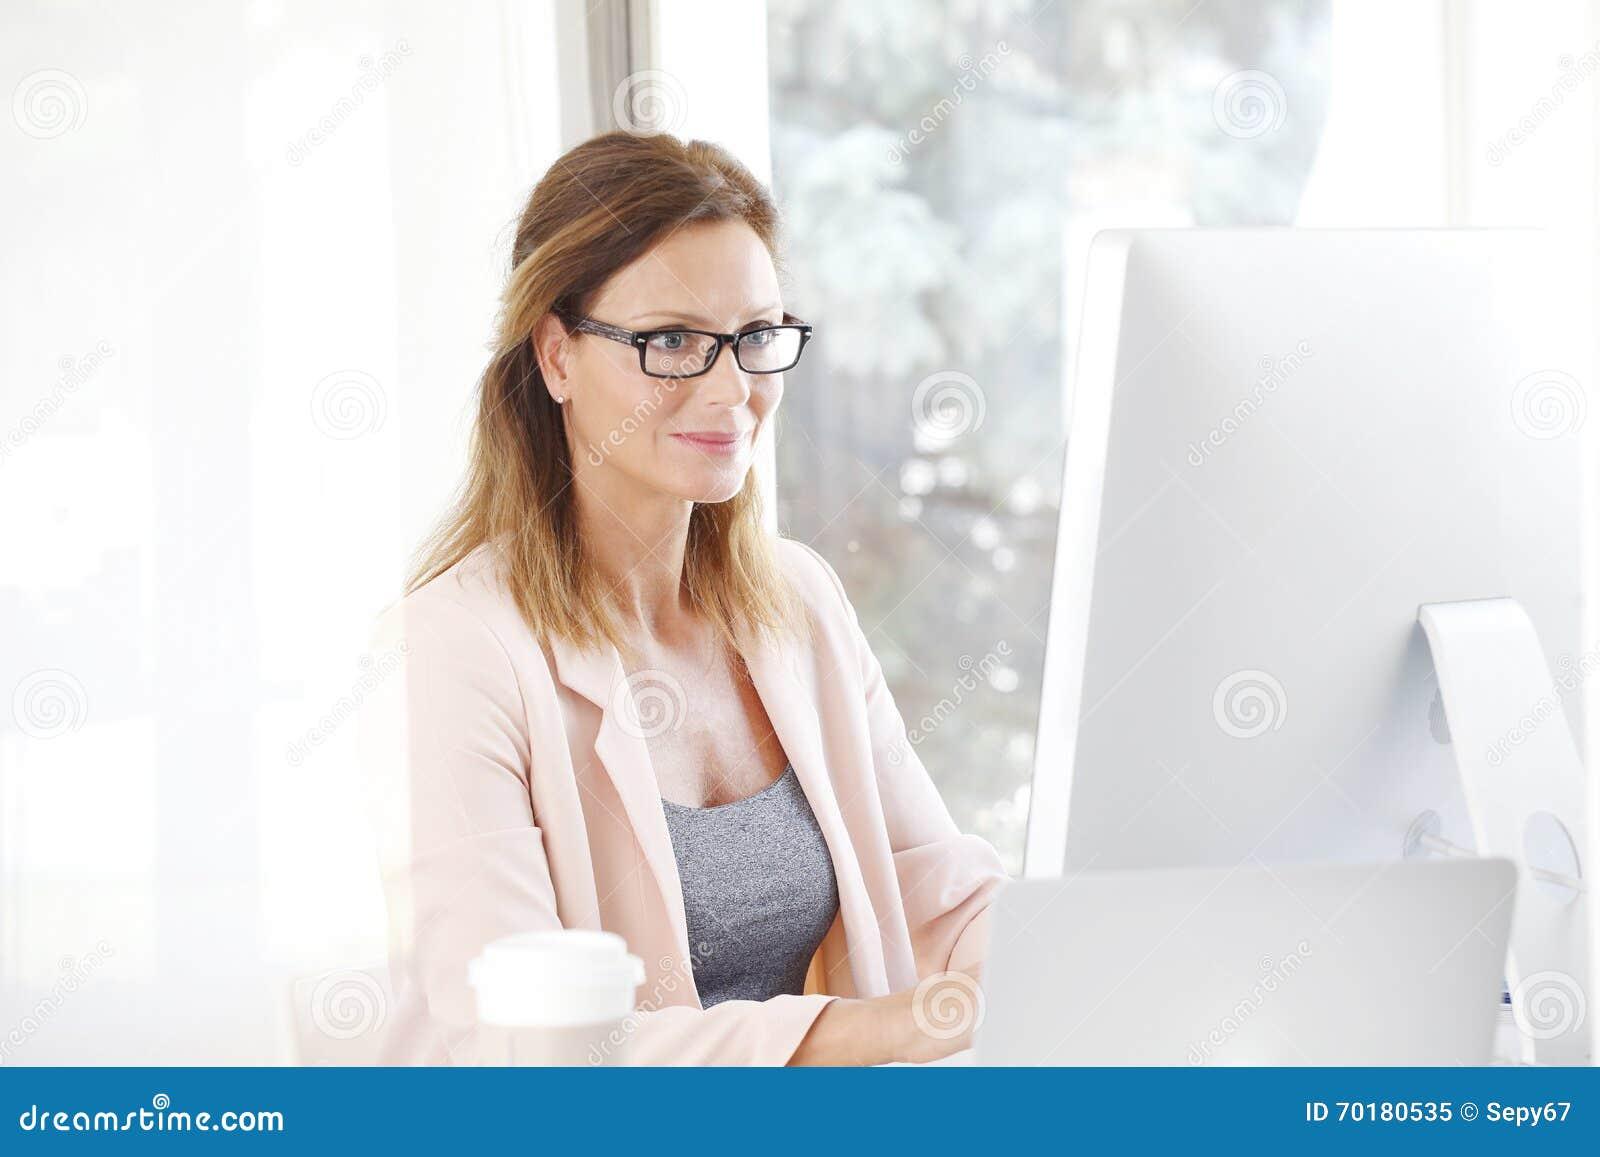 Hård working